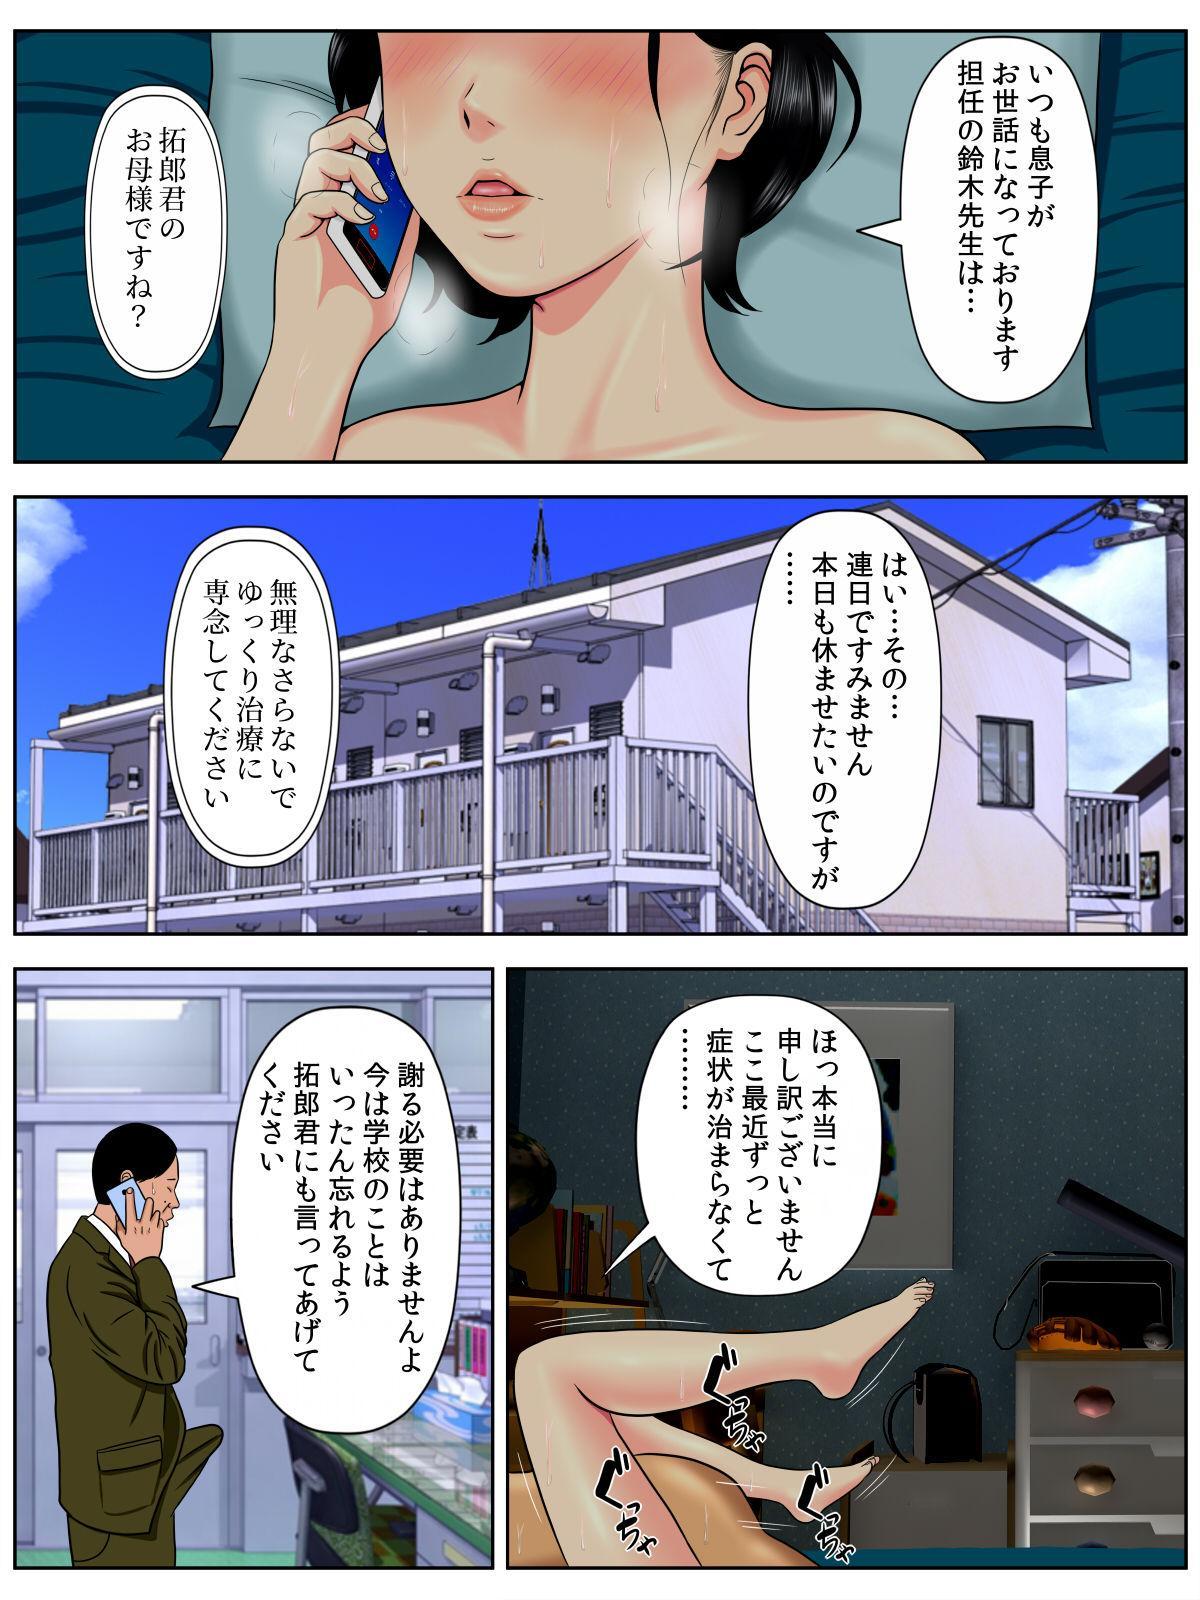 Sex Shinai to Shinu Yamai 20